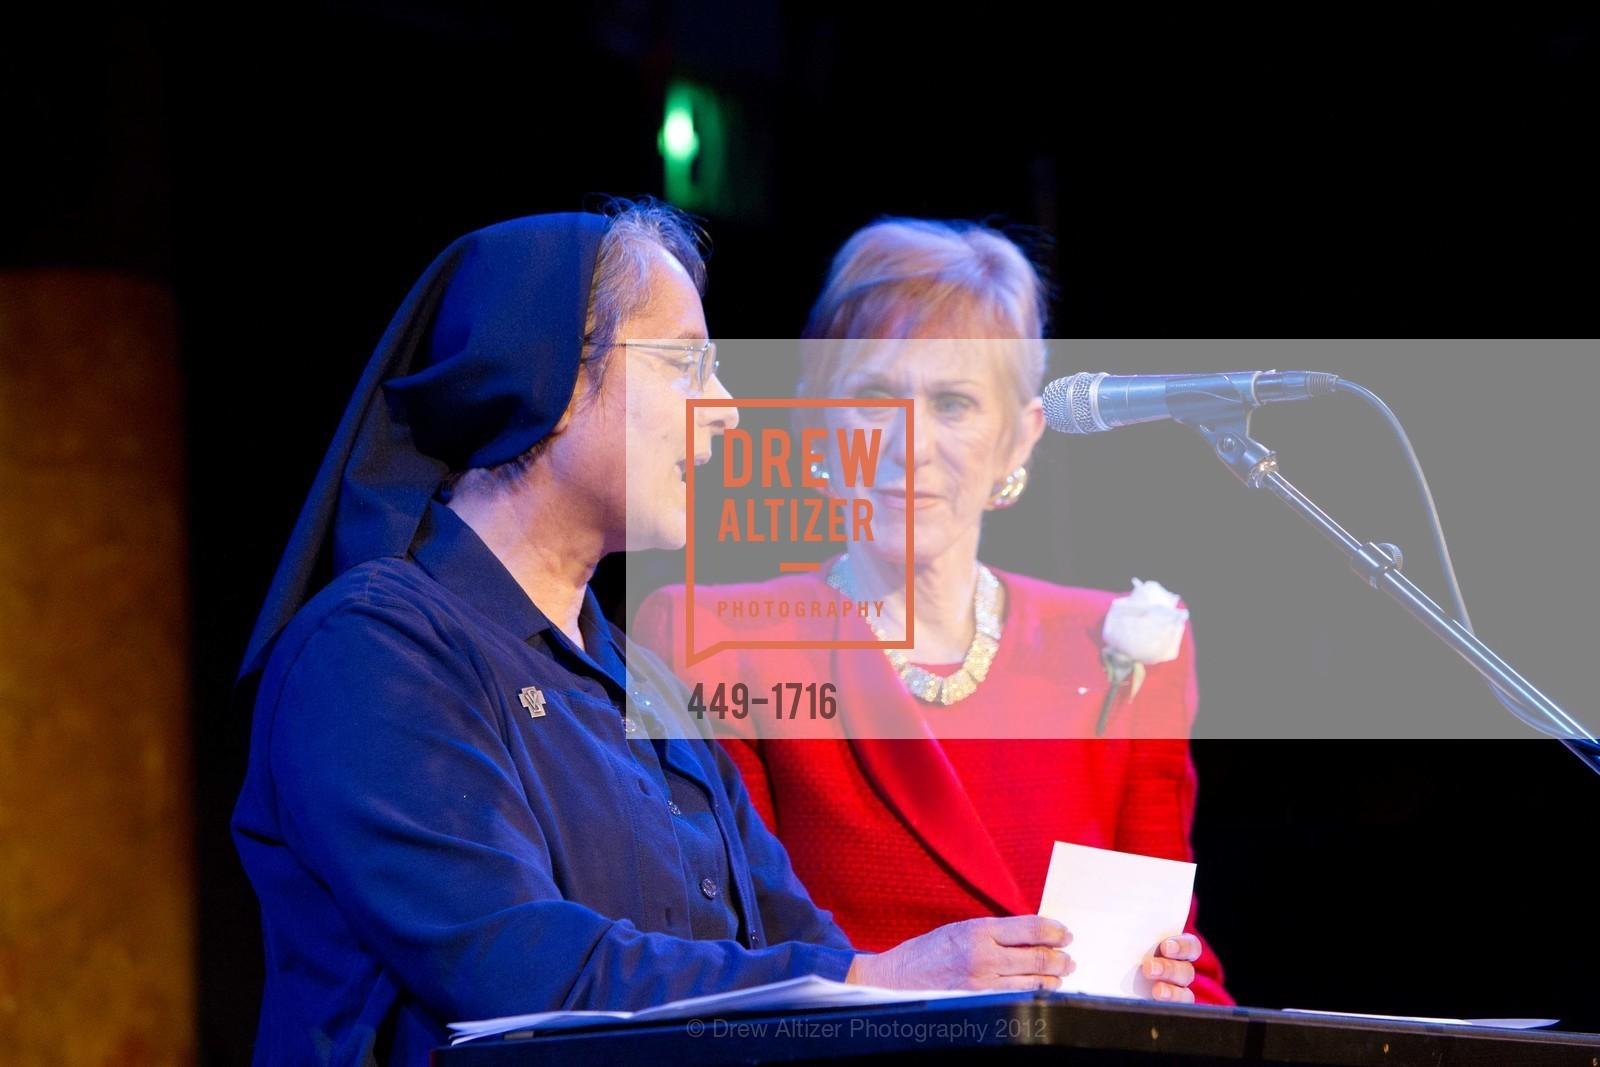 Sister Estela Morales, Brenda MacLean, Photo #449-1716